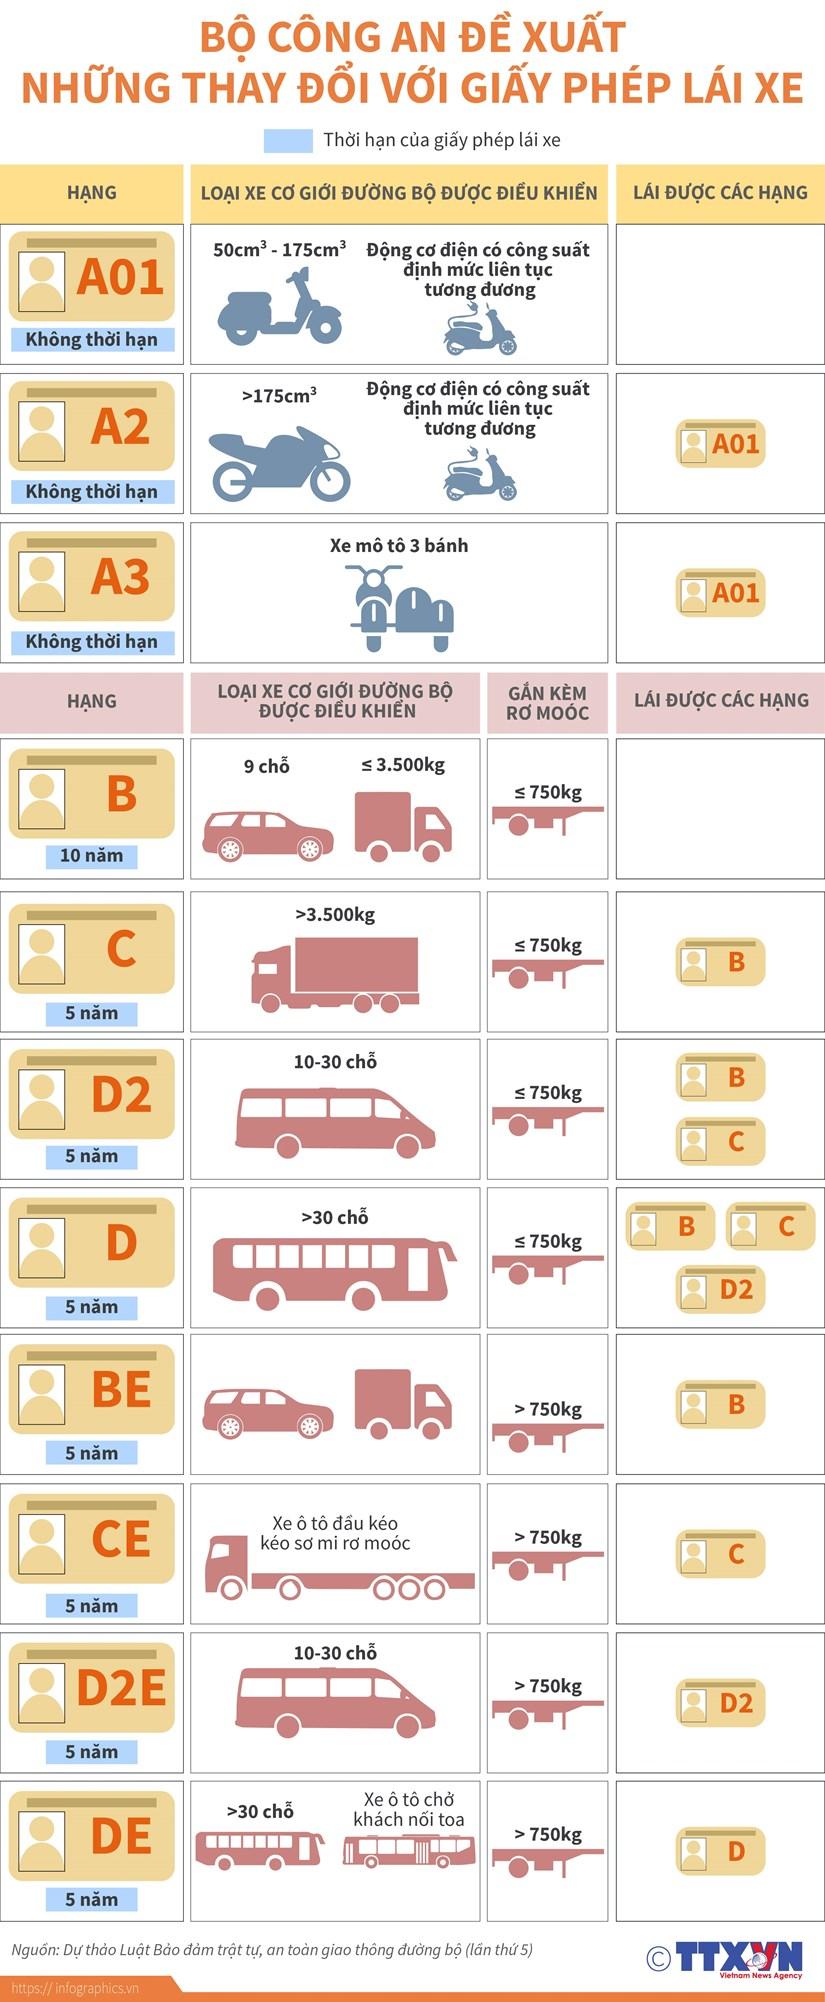 [Infographics] Bo Cong an de xuat nhung thay doi voi giay phep lai xe hinh anh 1